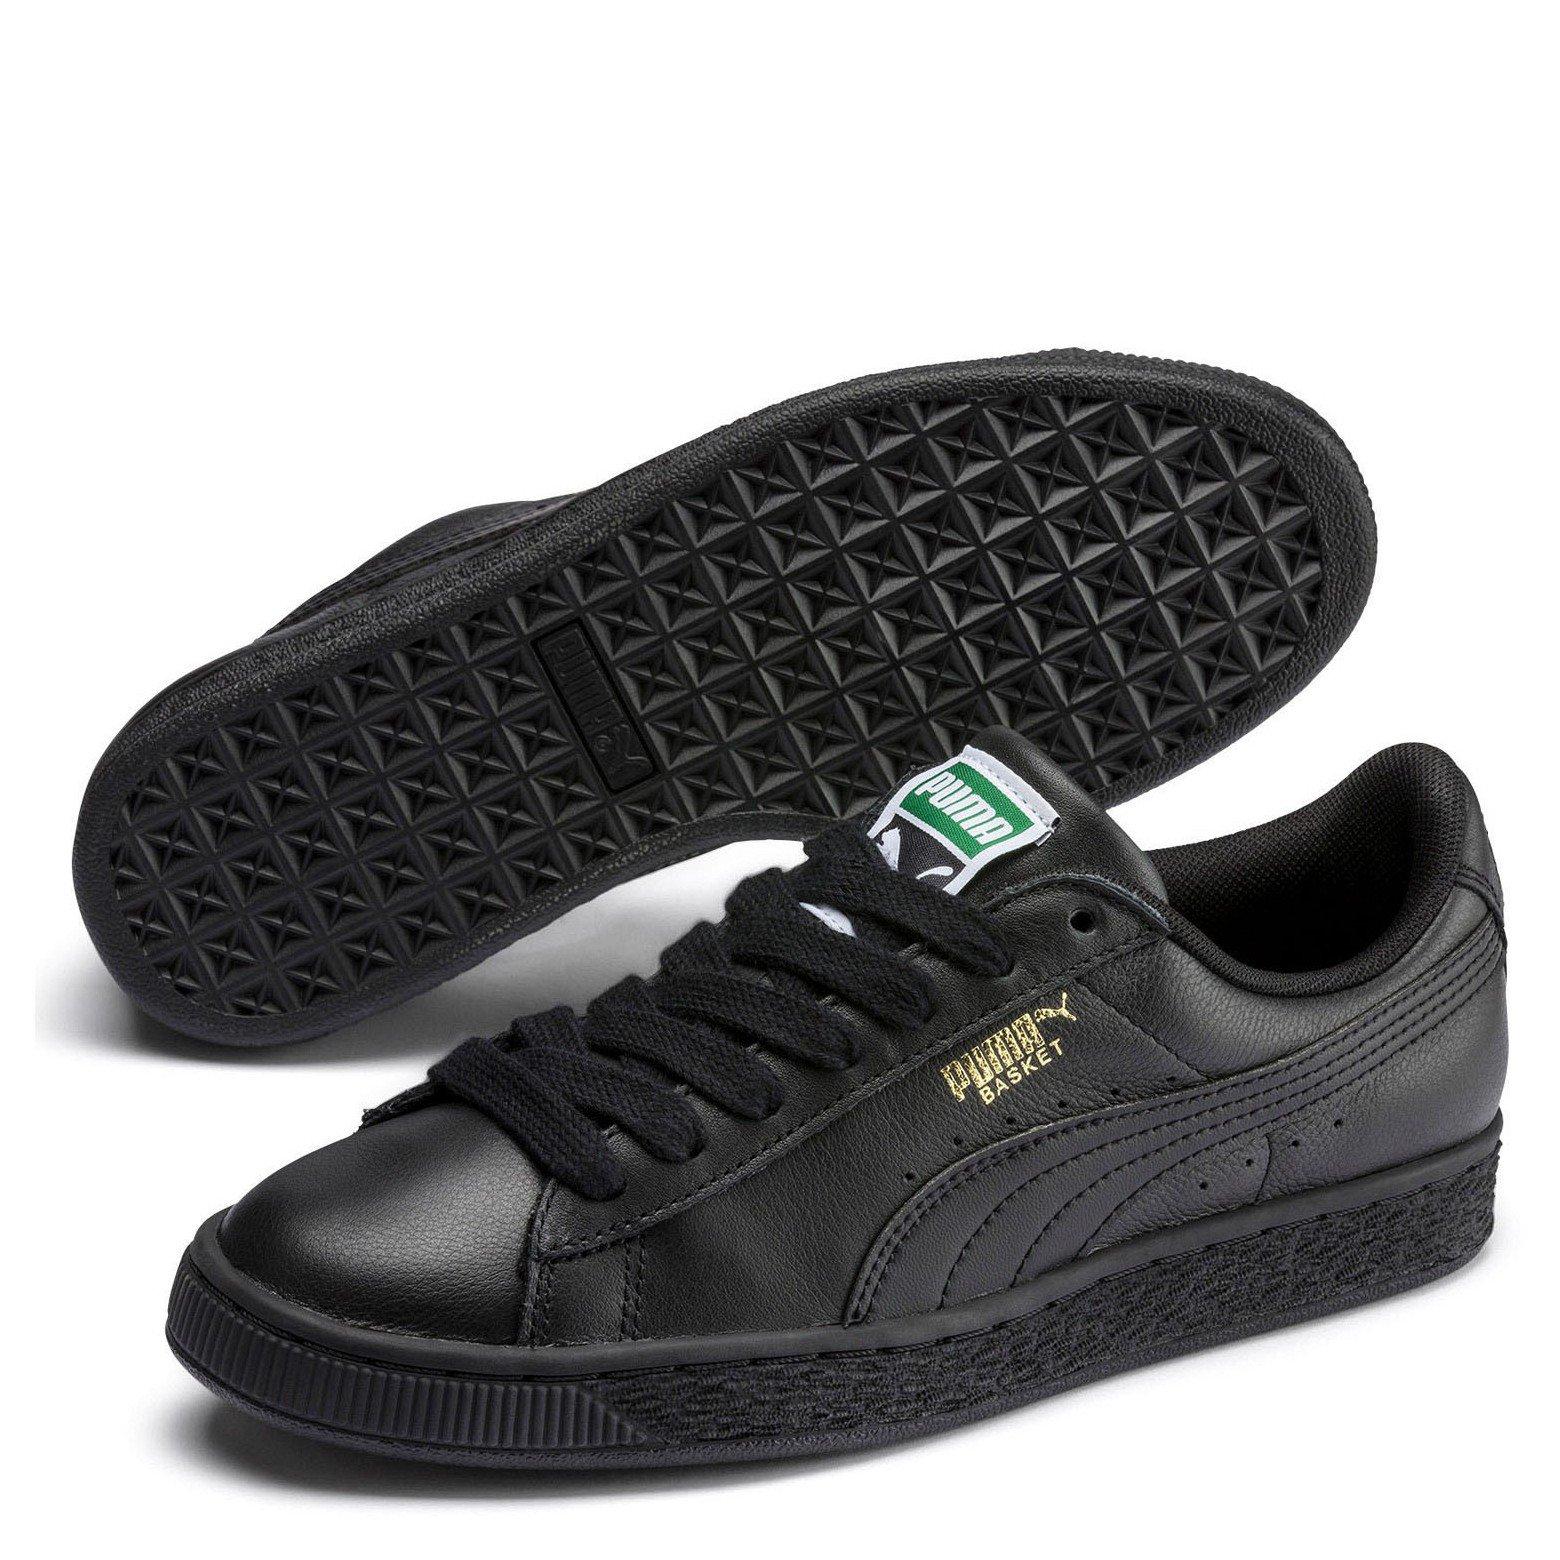 Puma Men Basket Classic LFS Sneaker Schuh 354367 | Puma